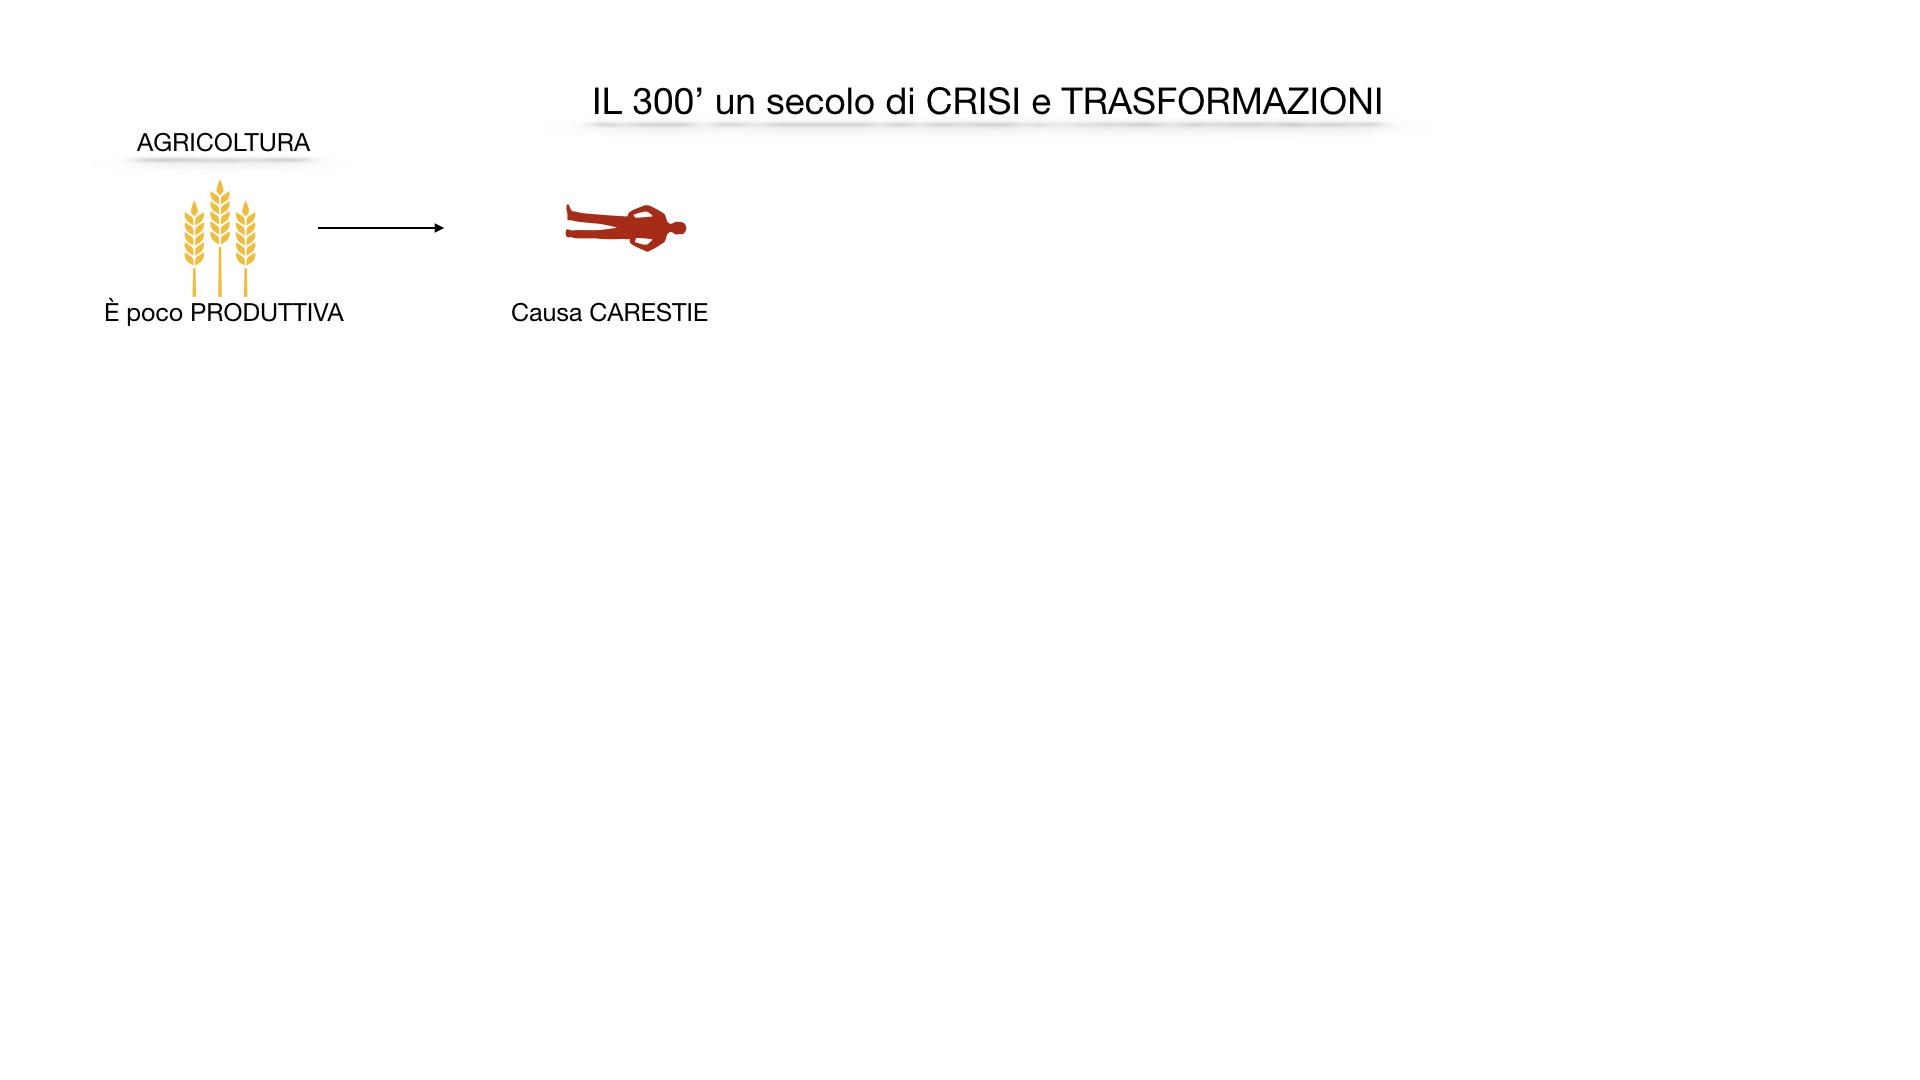 il 300 crisi e trasformazioni_ SIMULAZIONE.004